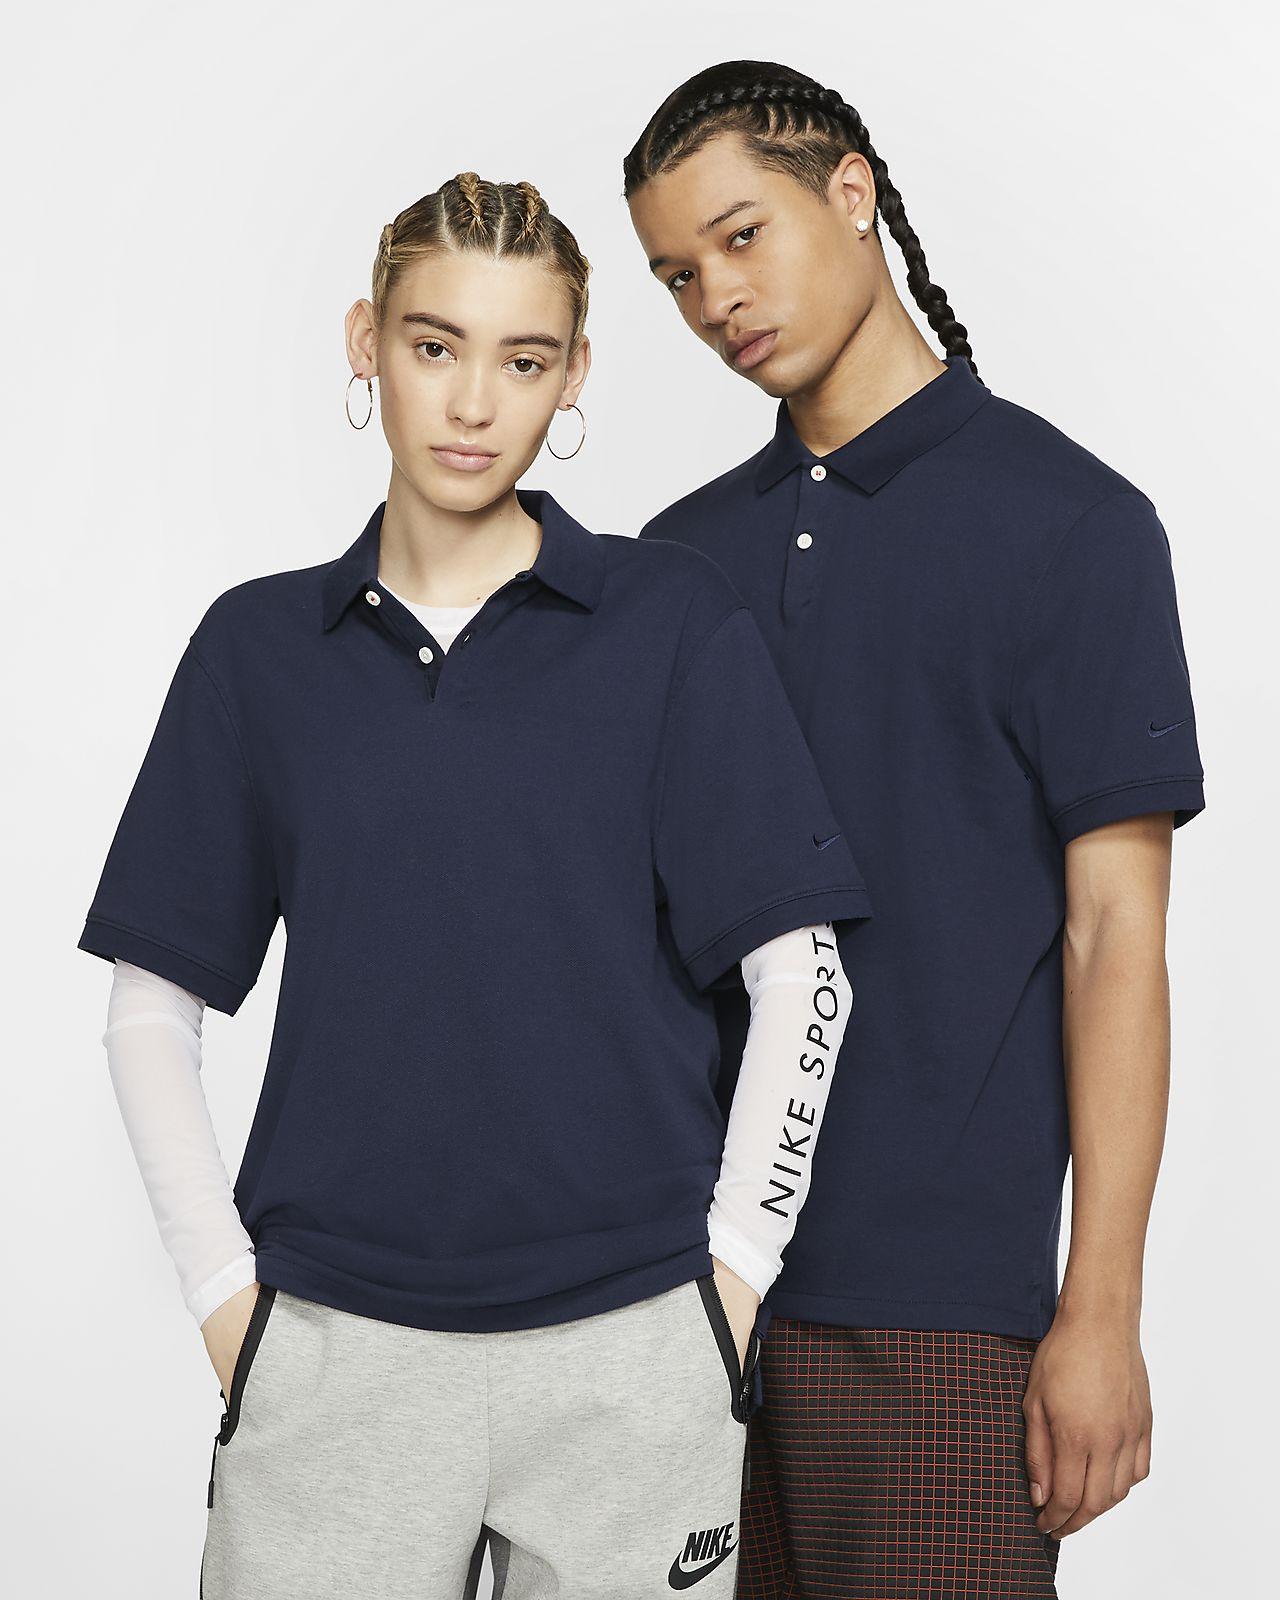 Polo de ajuste entallado para hombre The Nike Polo (Without Orange Collar Label)